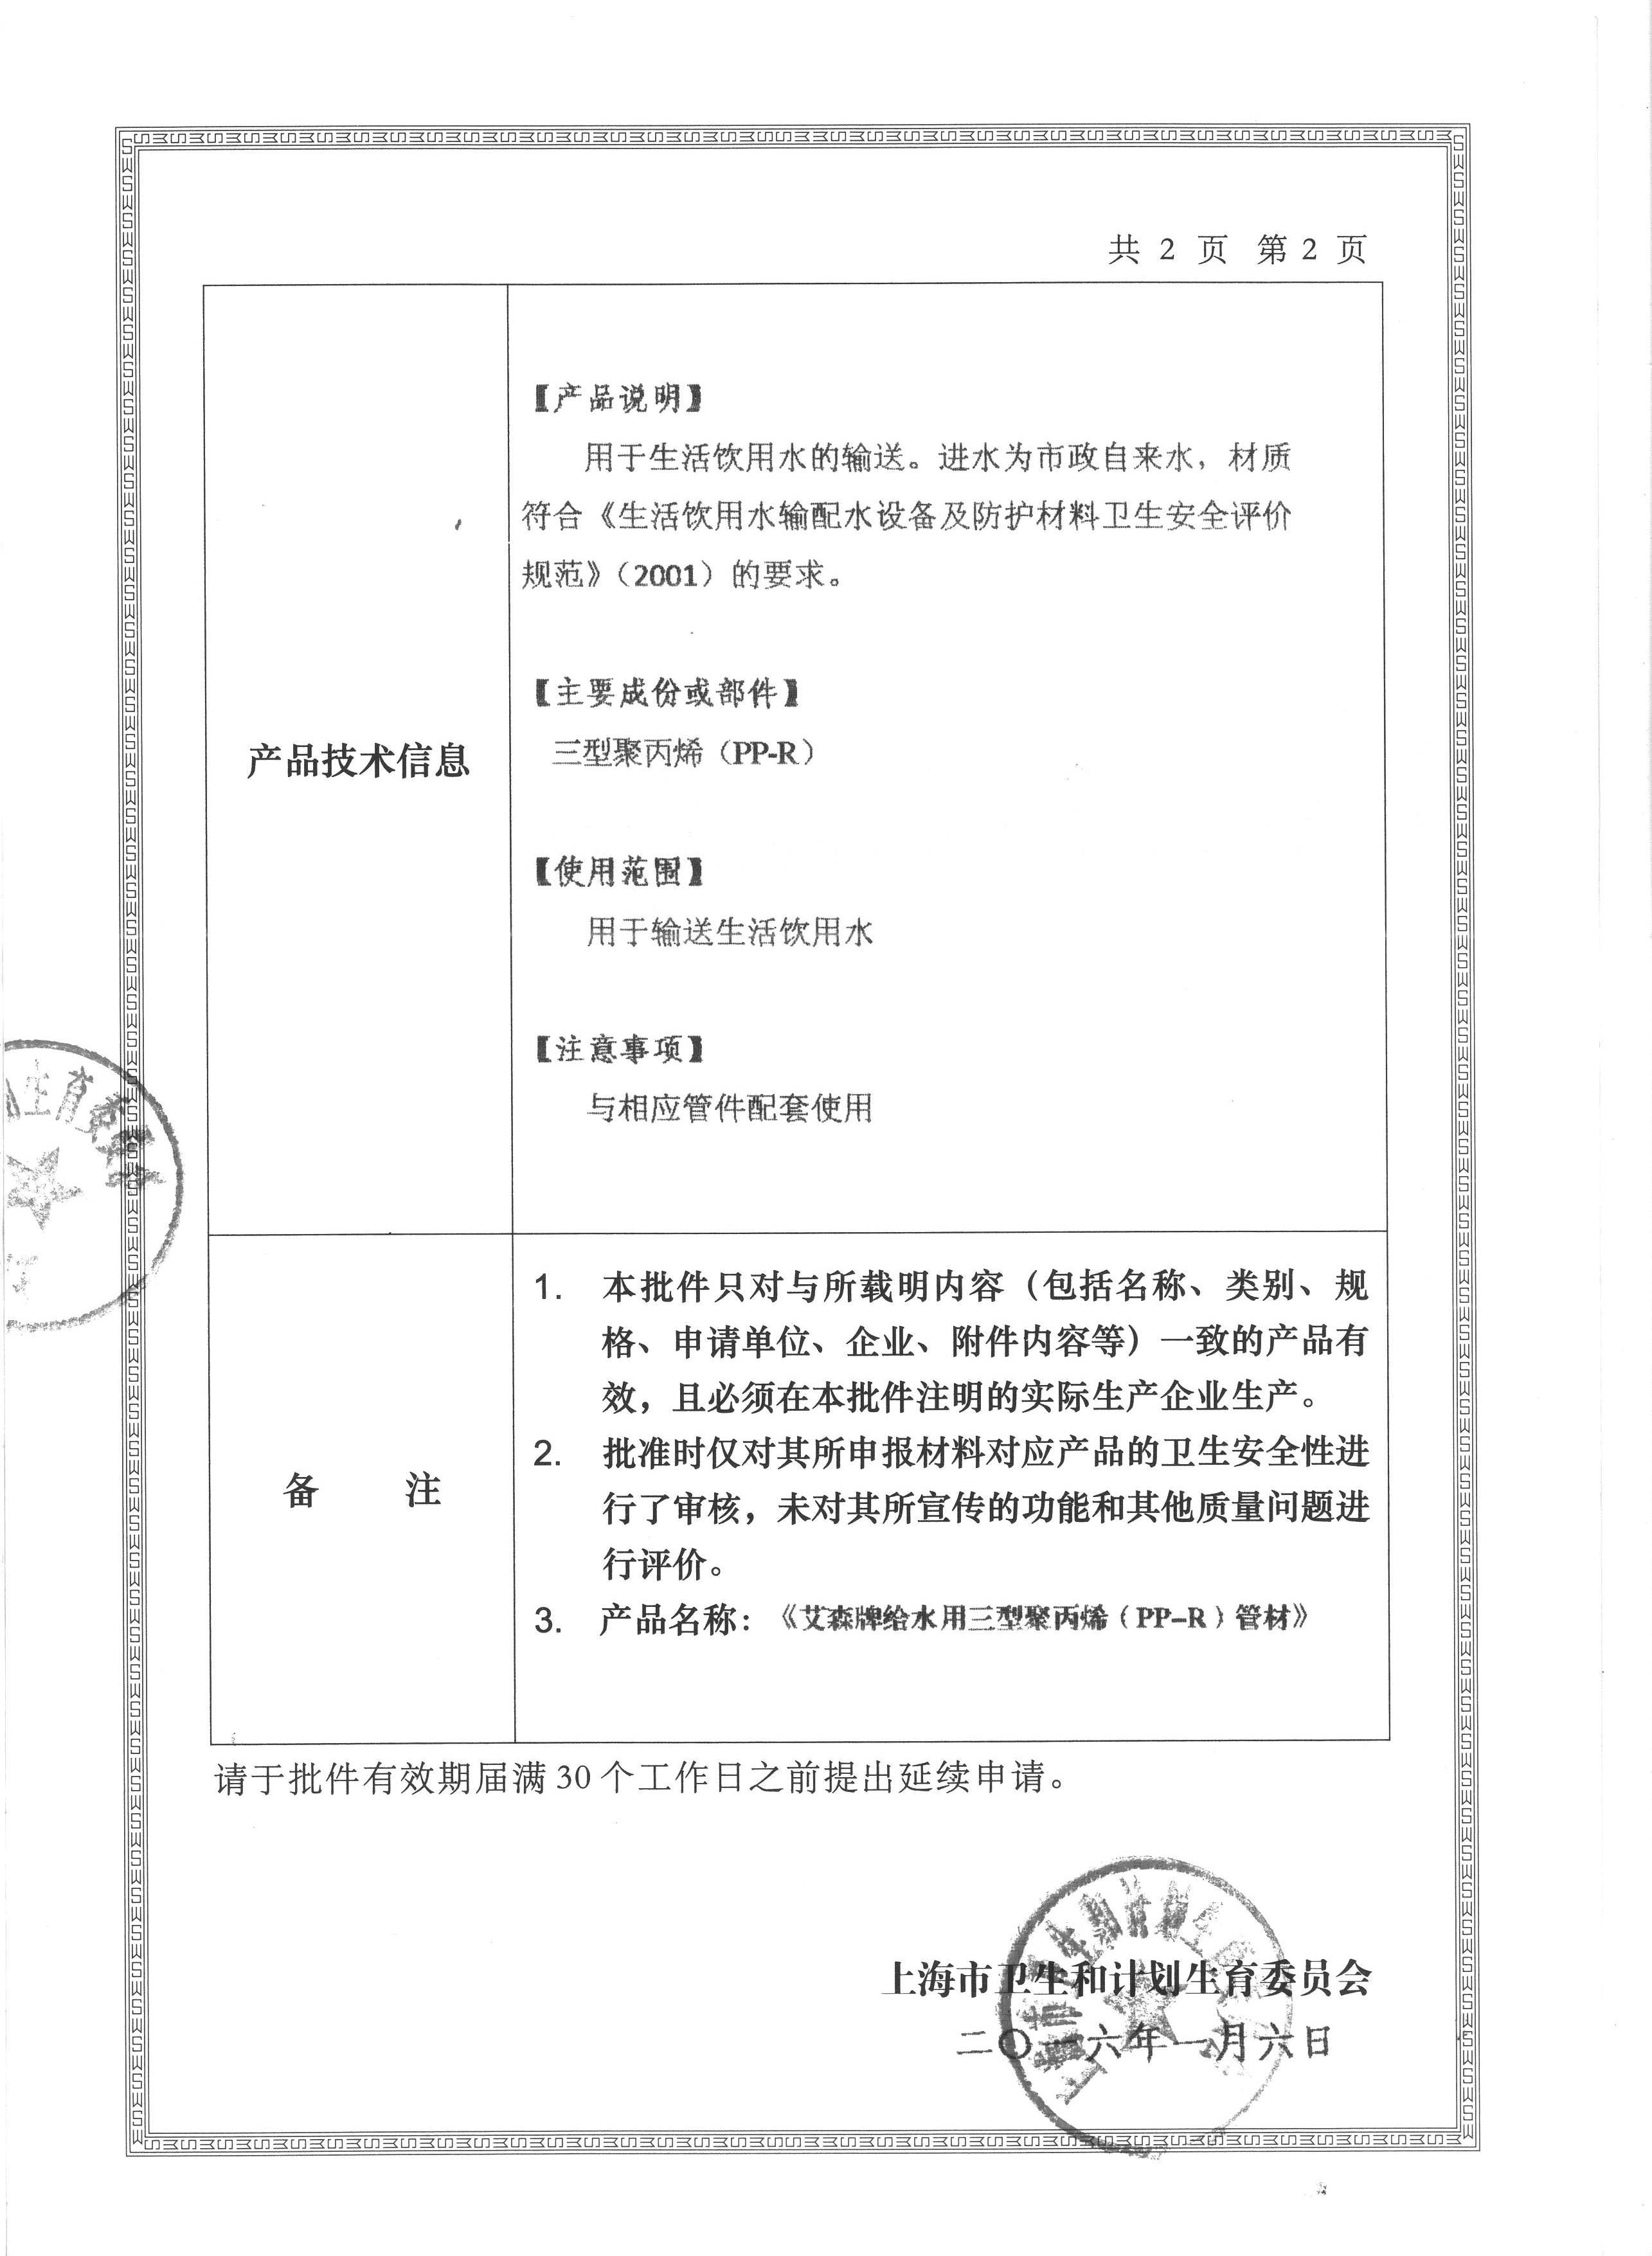 管材卫生许可批件2